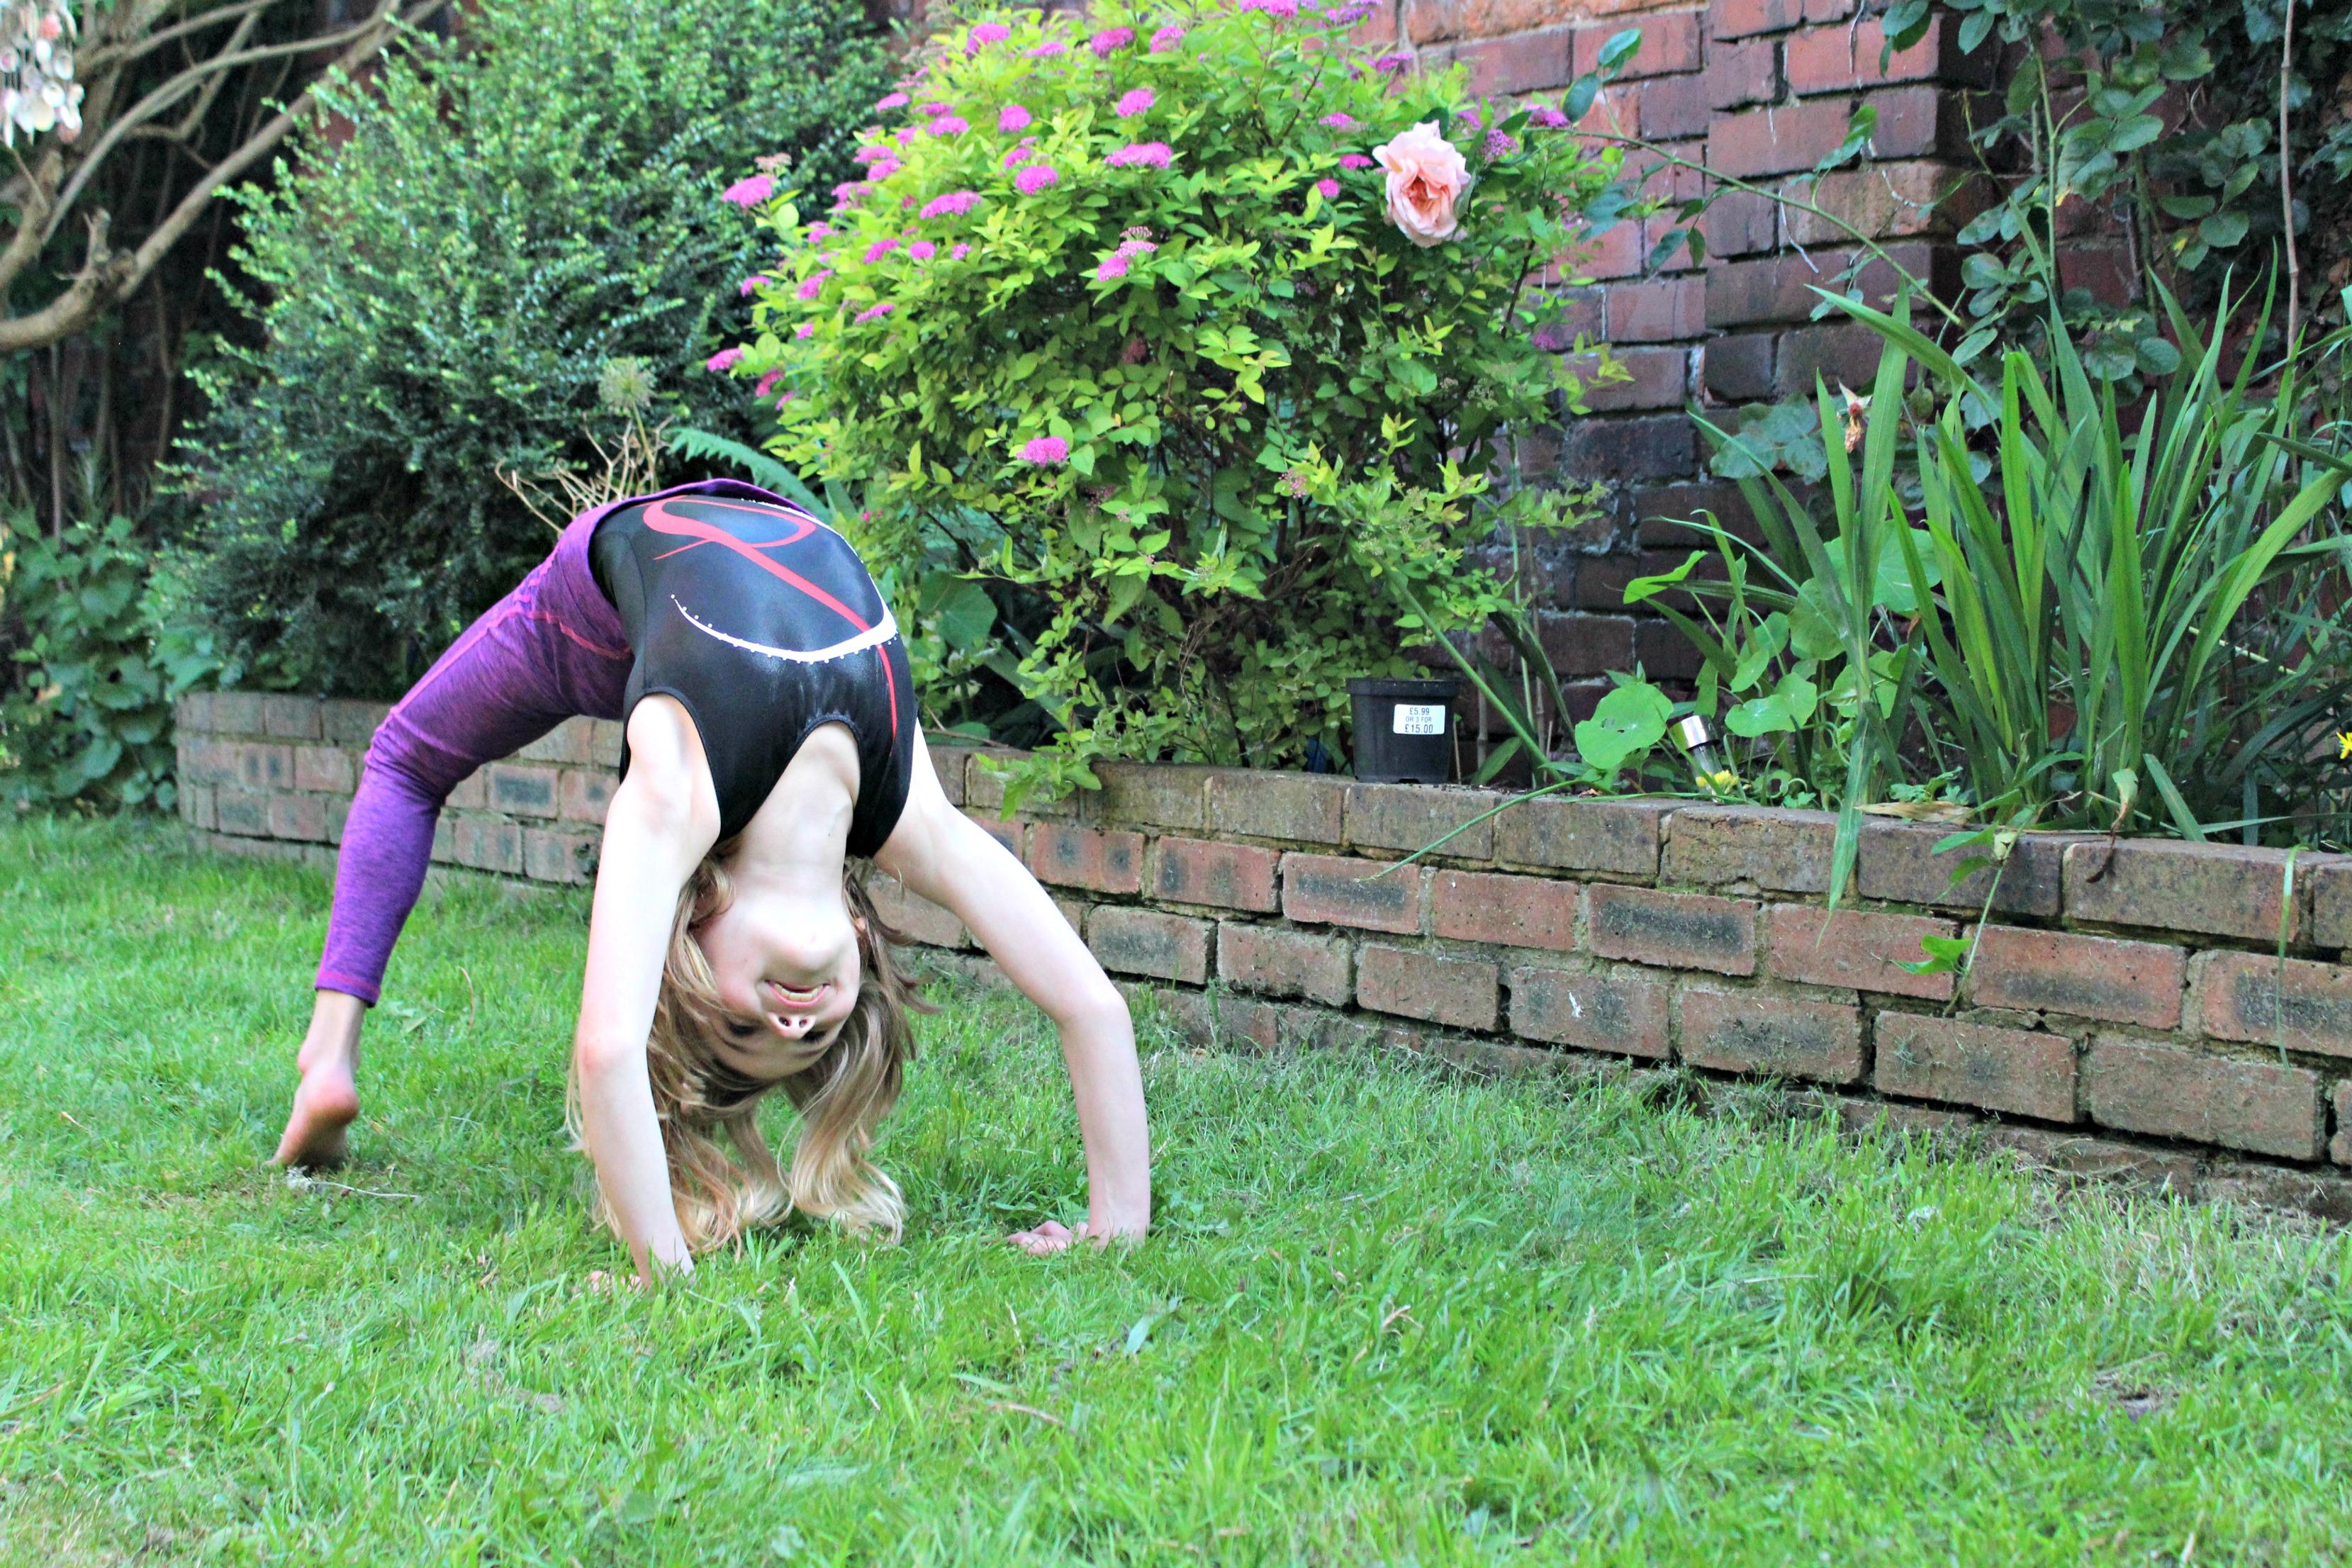 kiki gymnastics this homeschooling life